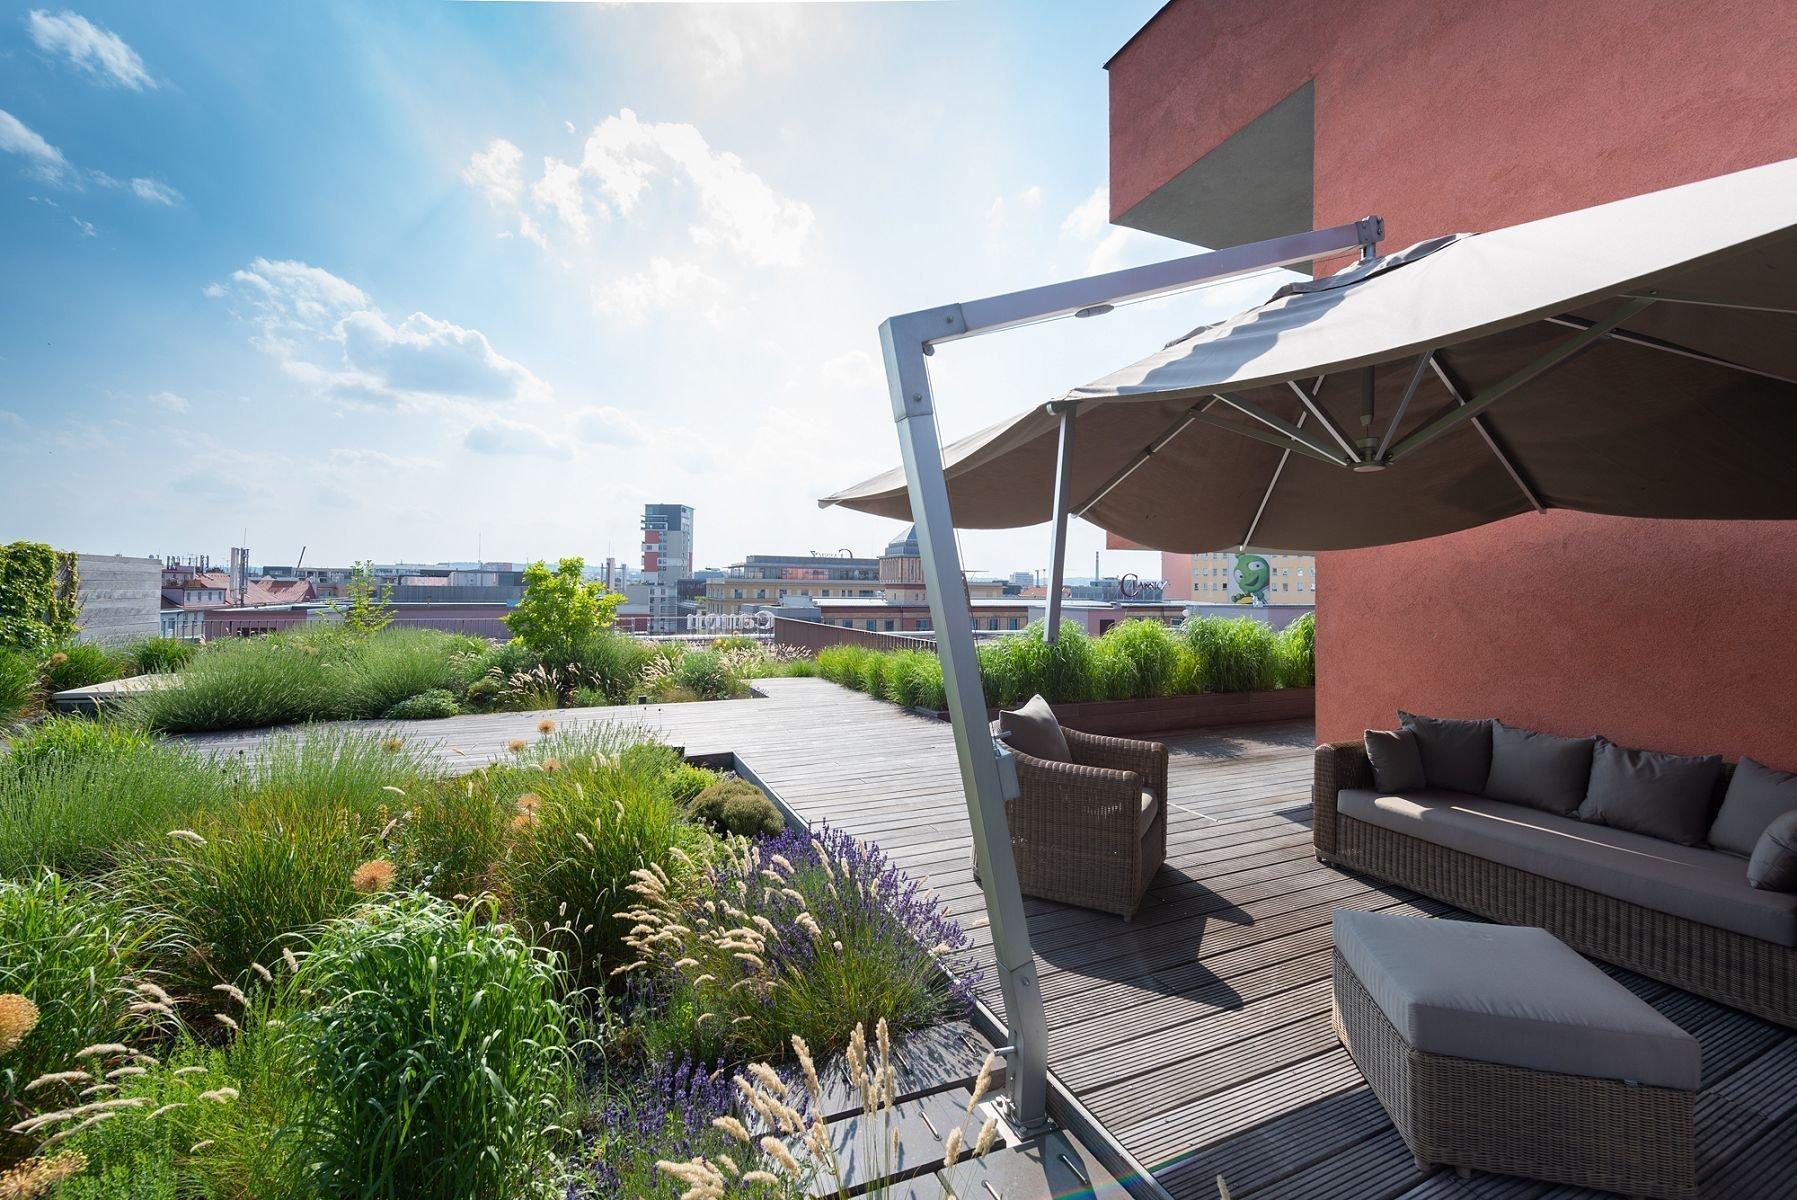 Bydlení v bytě nemusí nutně znamenat to, že se musíme vzdát vlastní zahrady. Důkazem je tento byt v 8. podlaží, který neposkytuje jen dostatek prostoru a pohodlí, nýbrž i krásnou střešní zahradu.